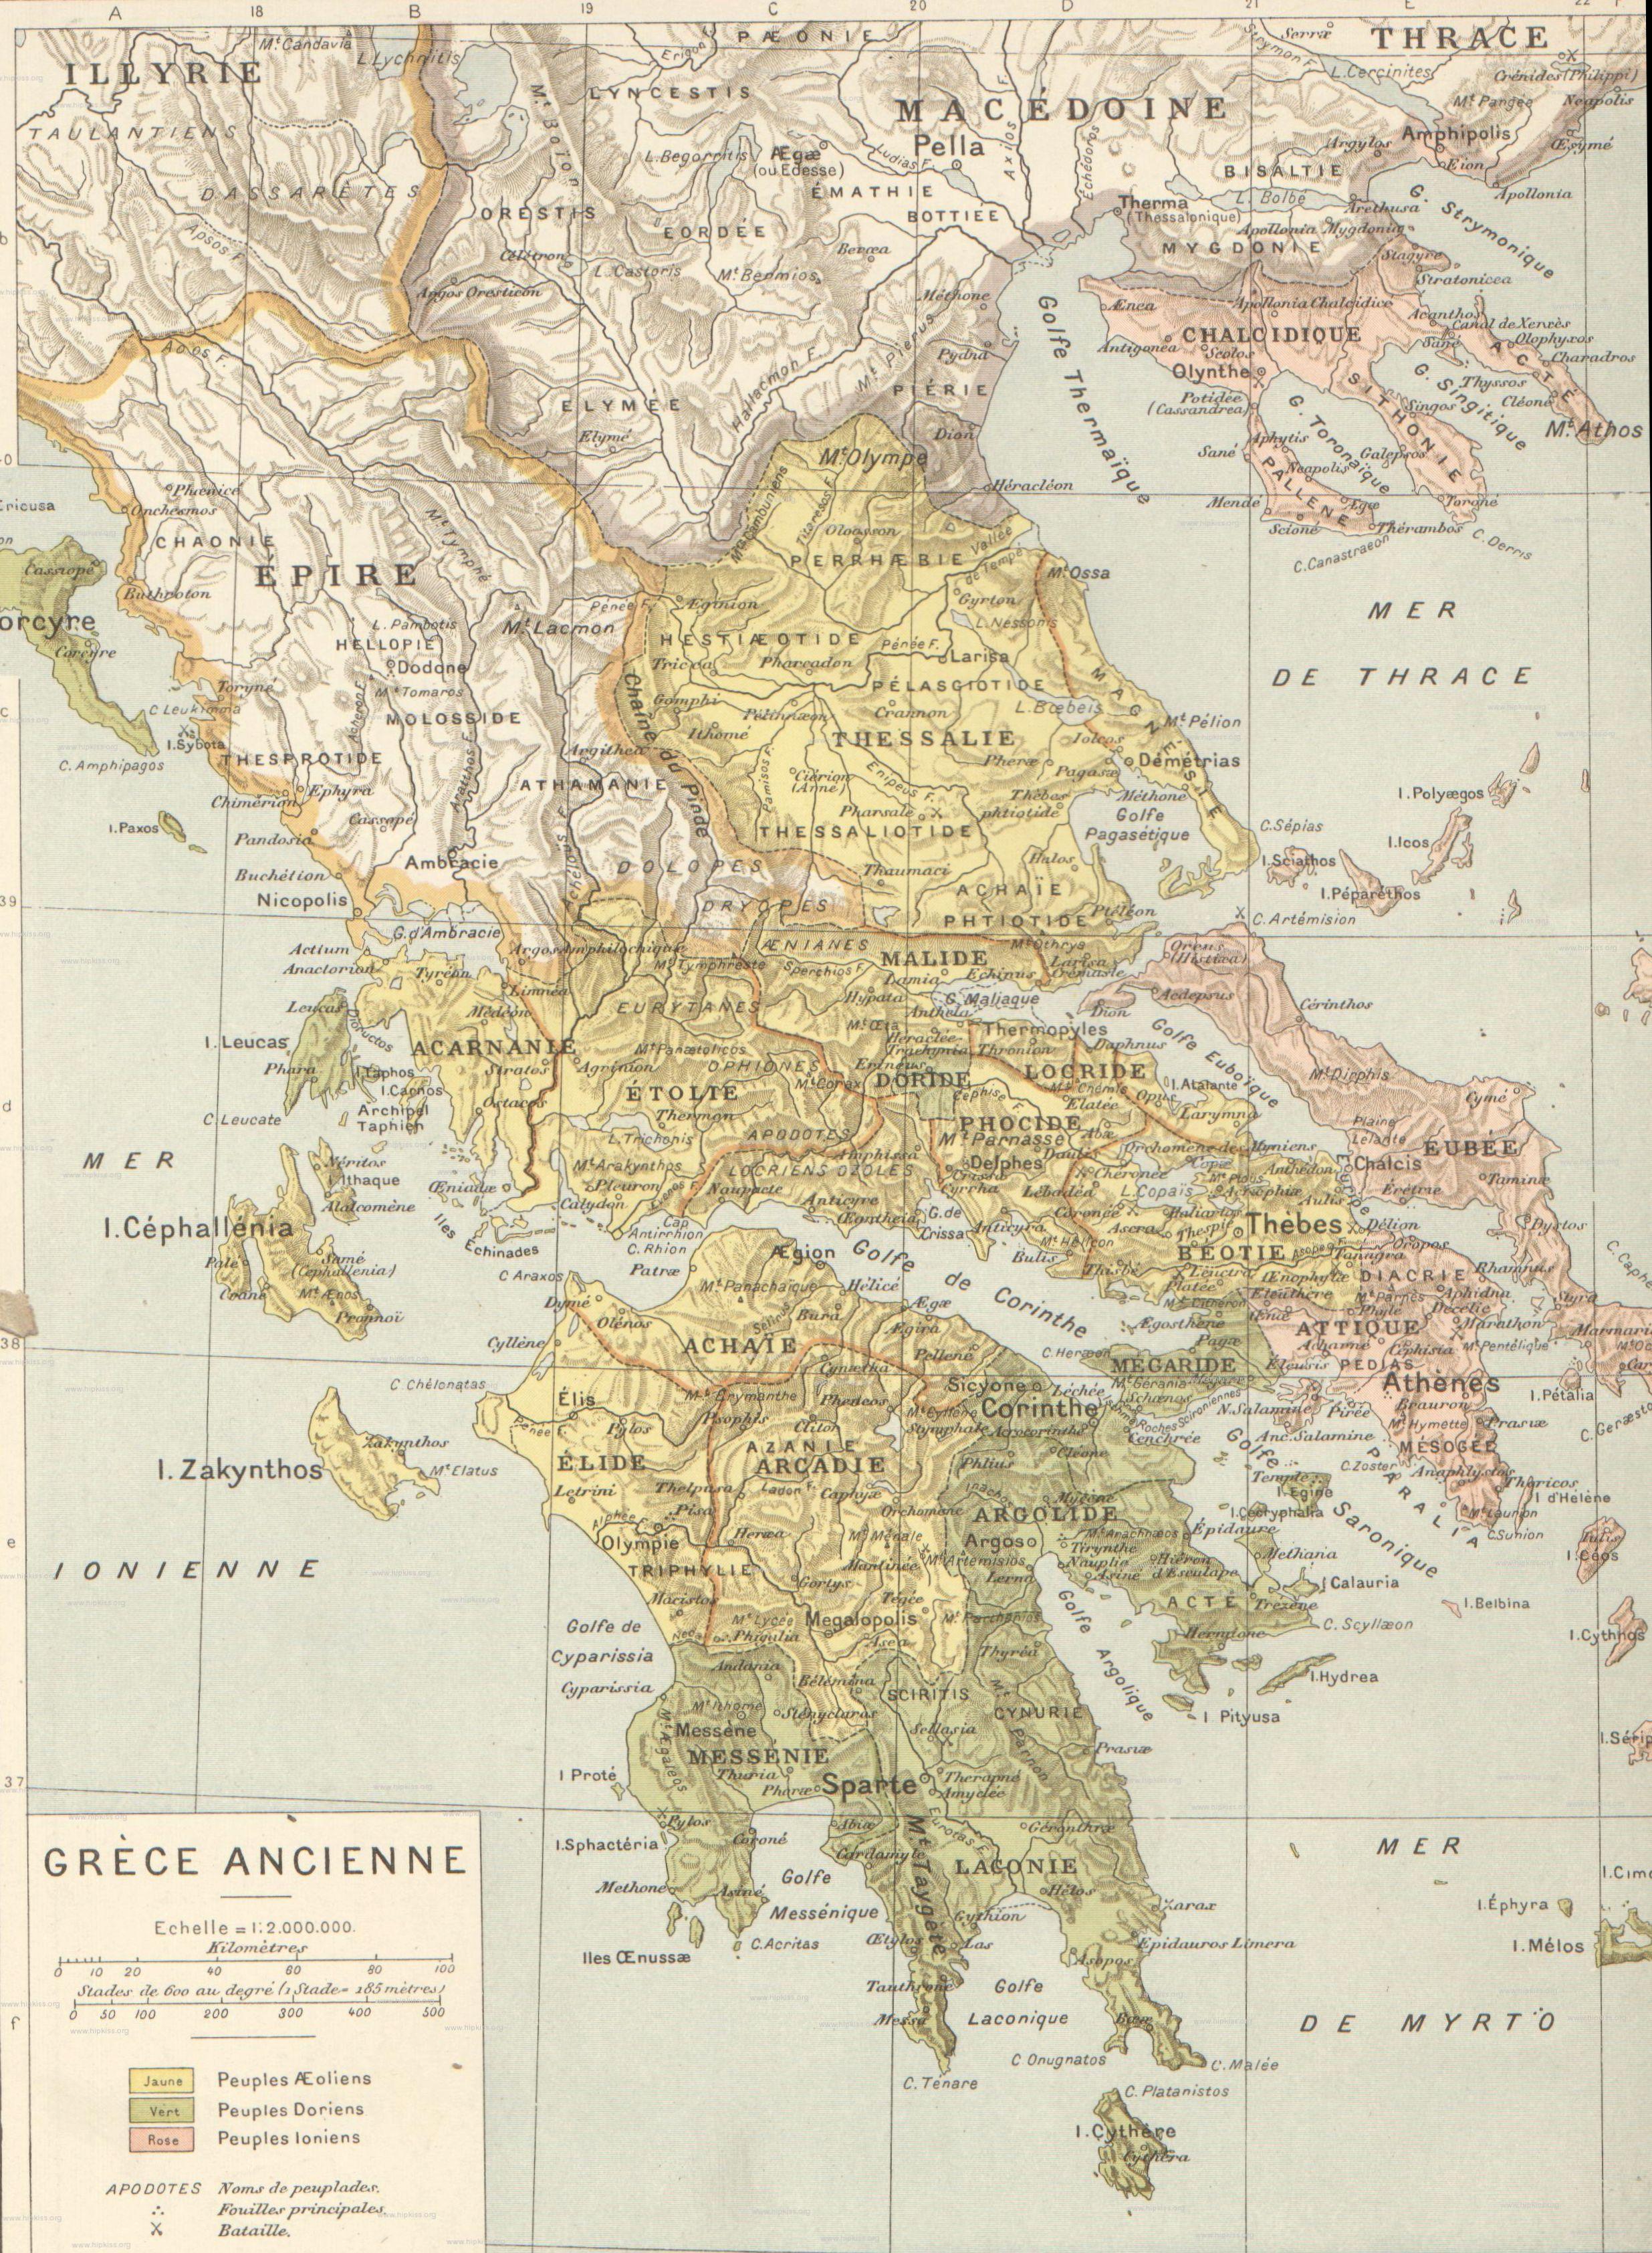 Paxos Cartina Geografica.Cartine Della Grecia Antica